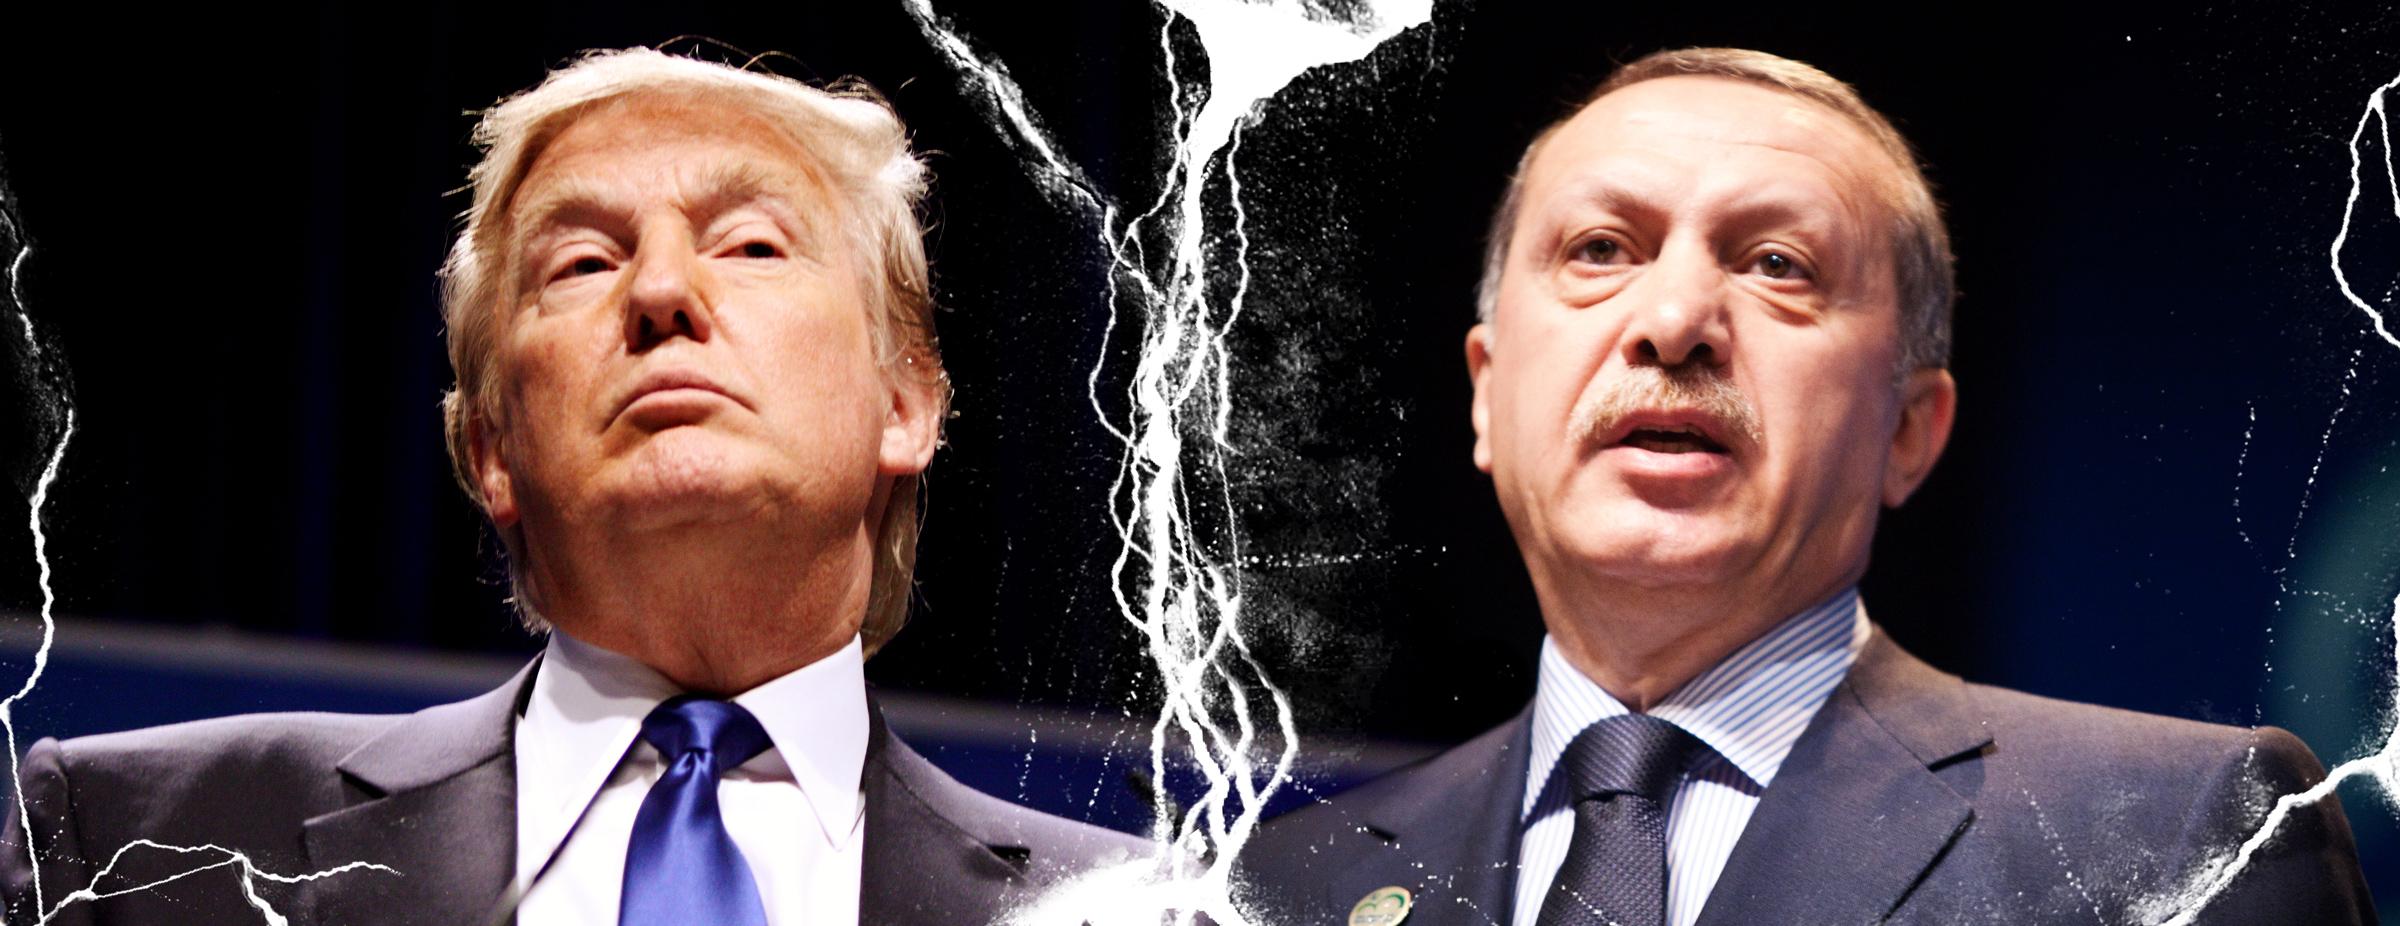 Die Spannungen zwischen Trump und Erdoğan eskalieren <br>  <span id='sec-title'>Die Causa Andrew Brunson</span>